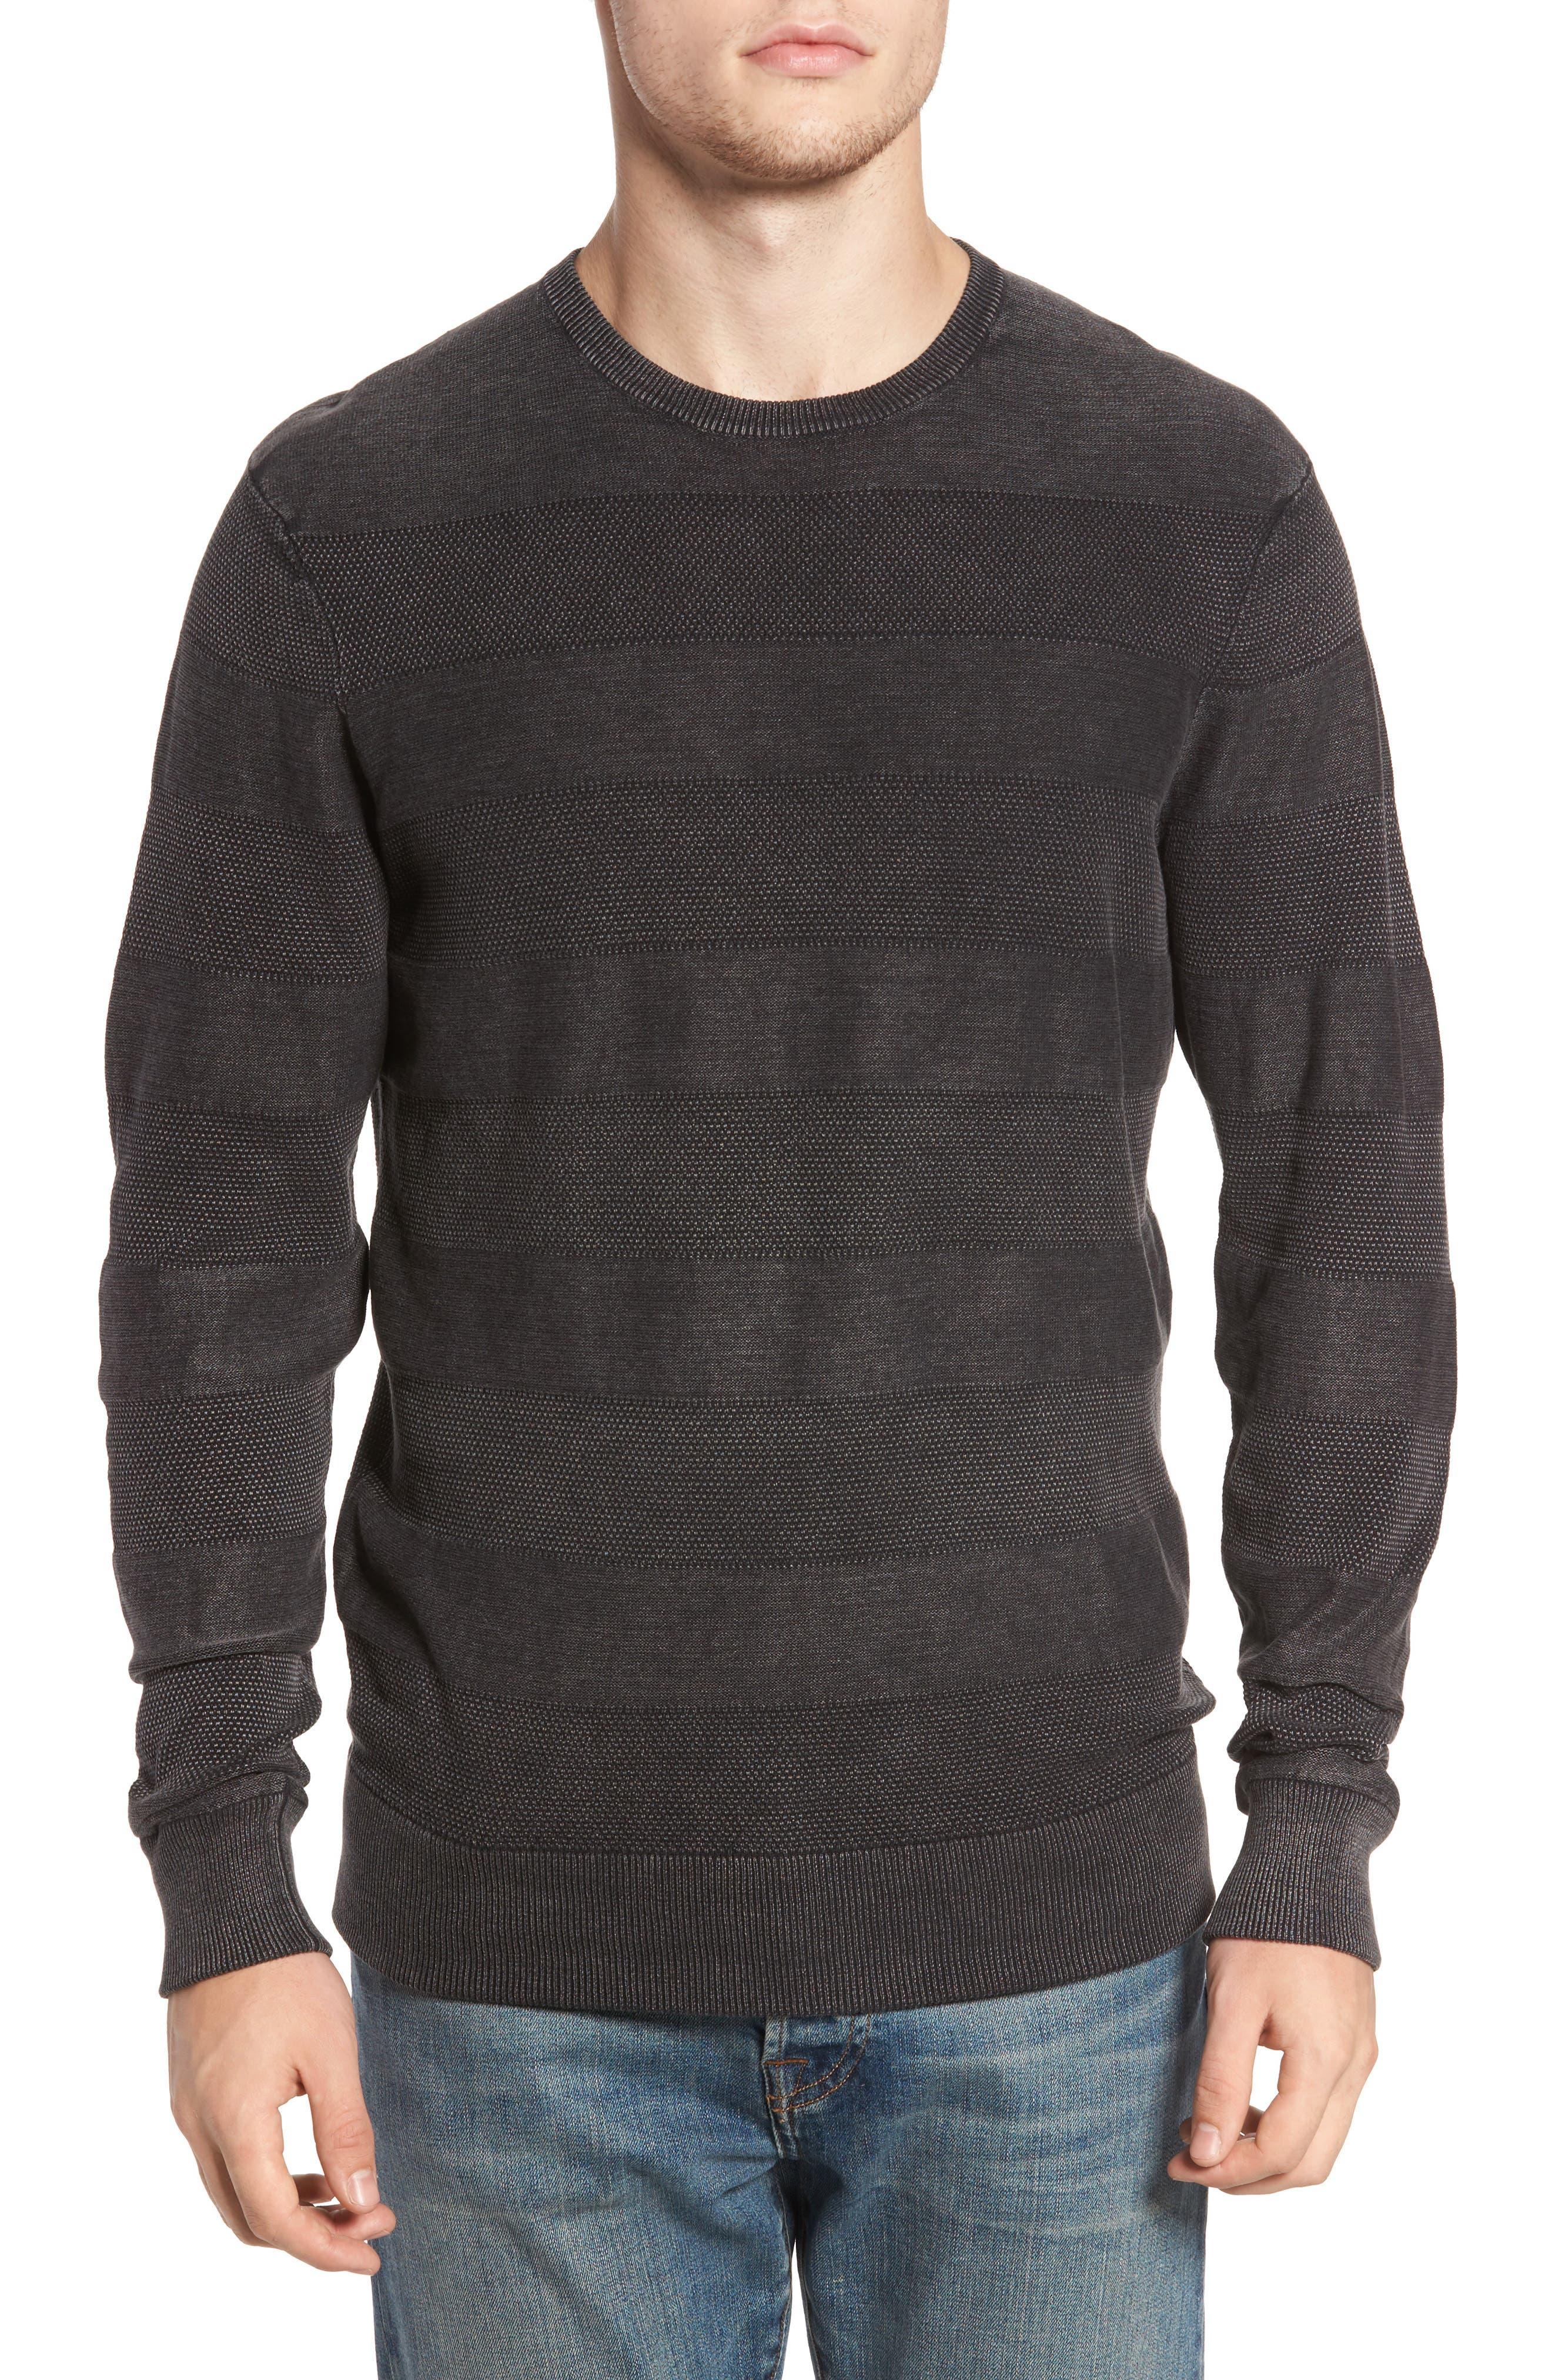 Sunfaded Stripe Sweater,                         Main,                         color, Black Rock